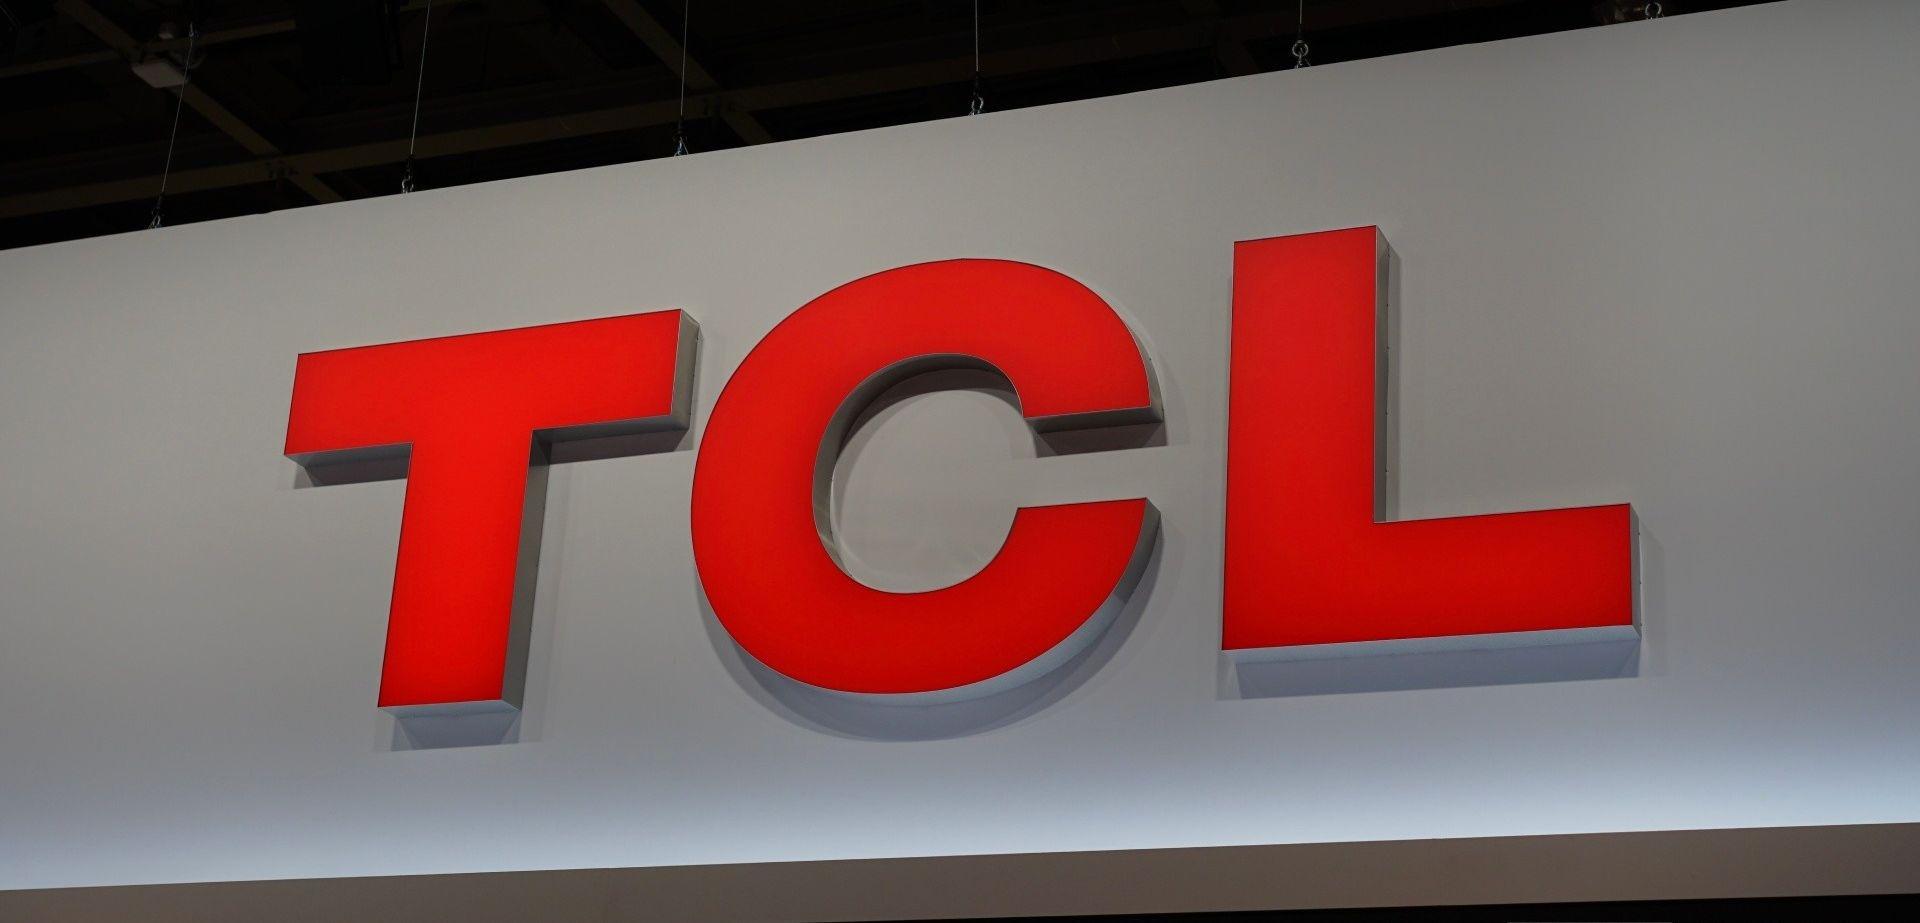 TCL показала дисплей для игрового планшета с частотой 240 Гц